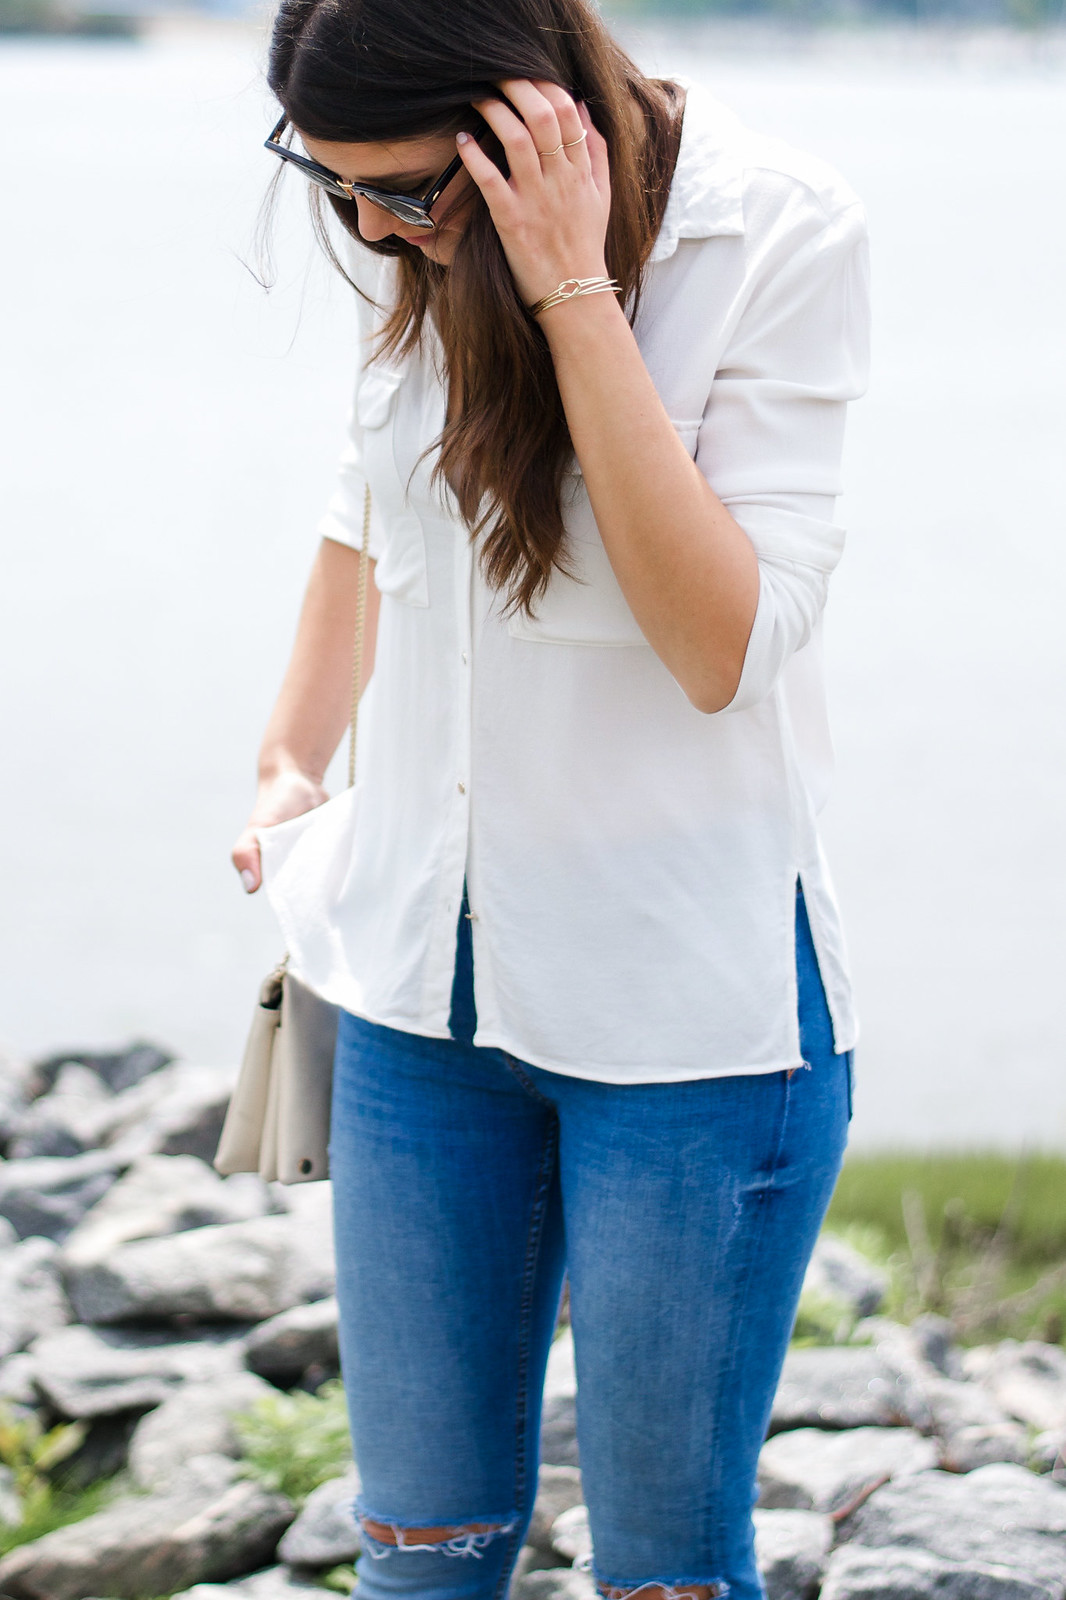 Zara White Blouse Outfit